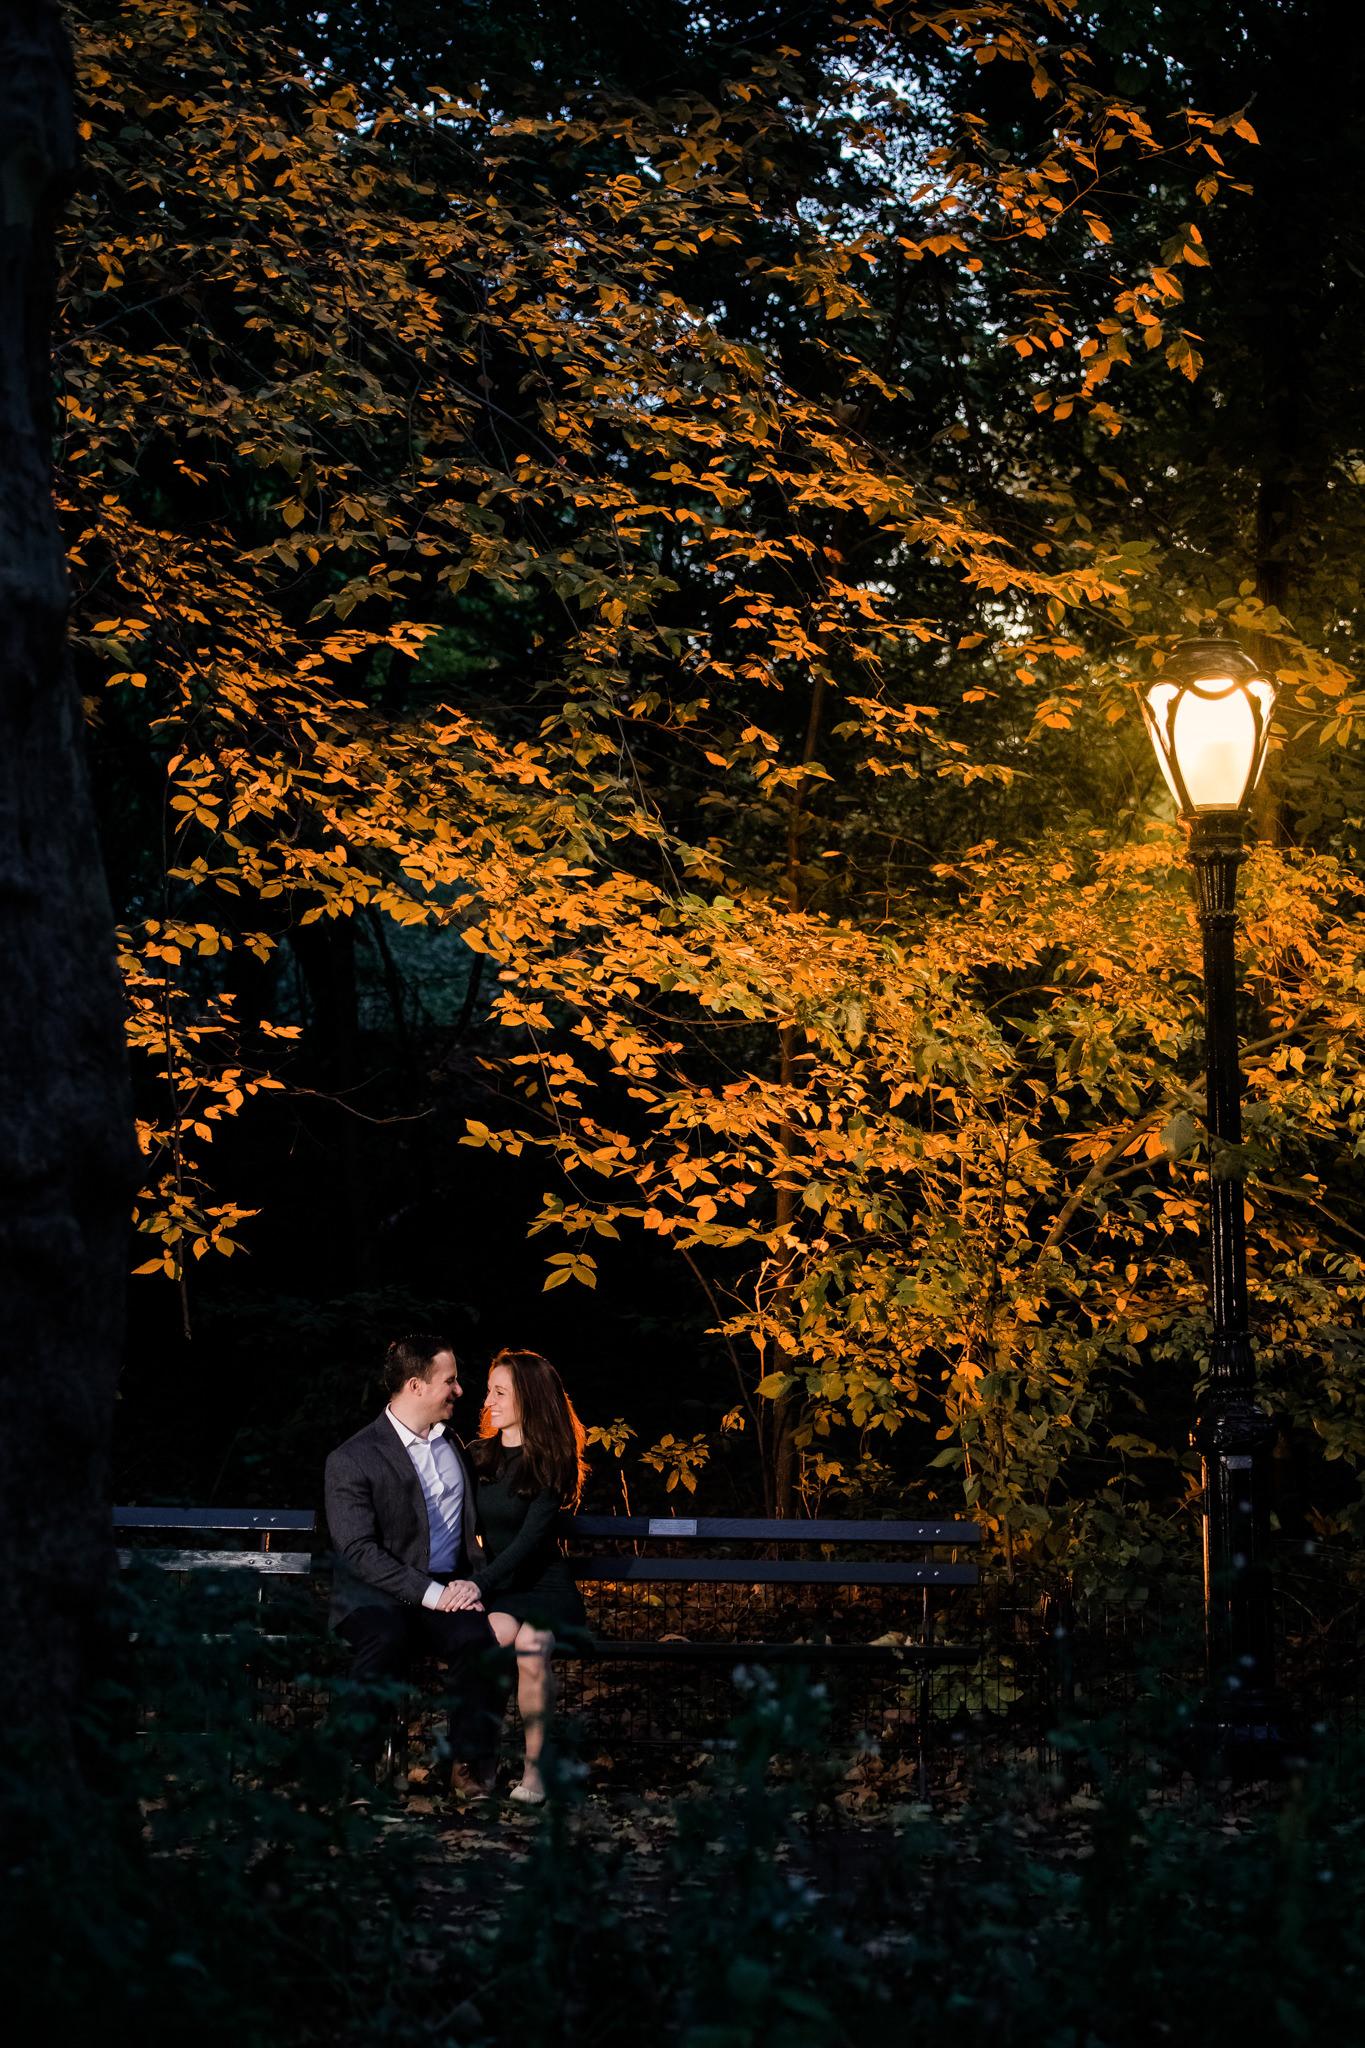 NEW_JERSEY_WEDDING_PHOTOGRAPHER_ARMZ_Z85_0650.jpg